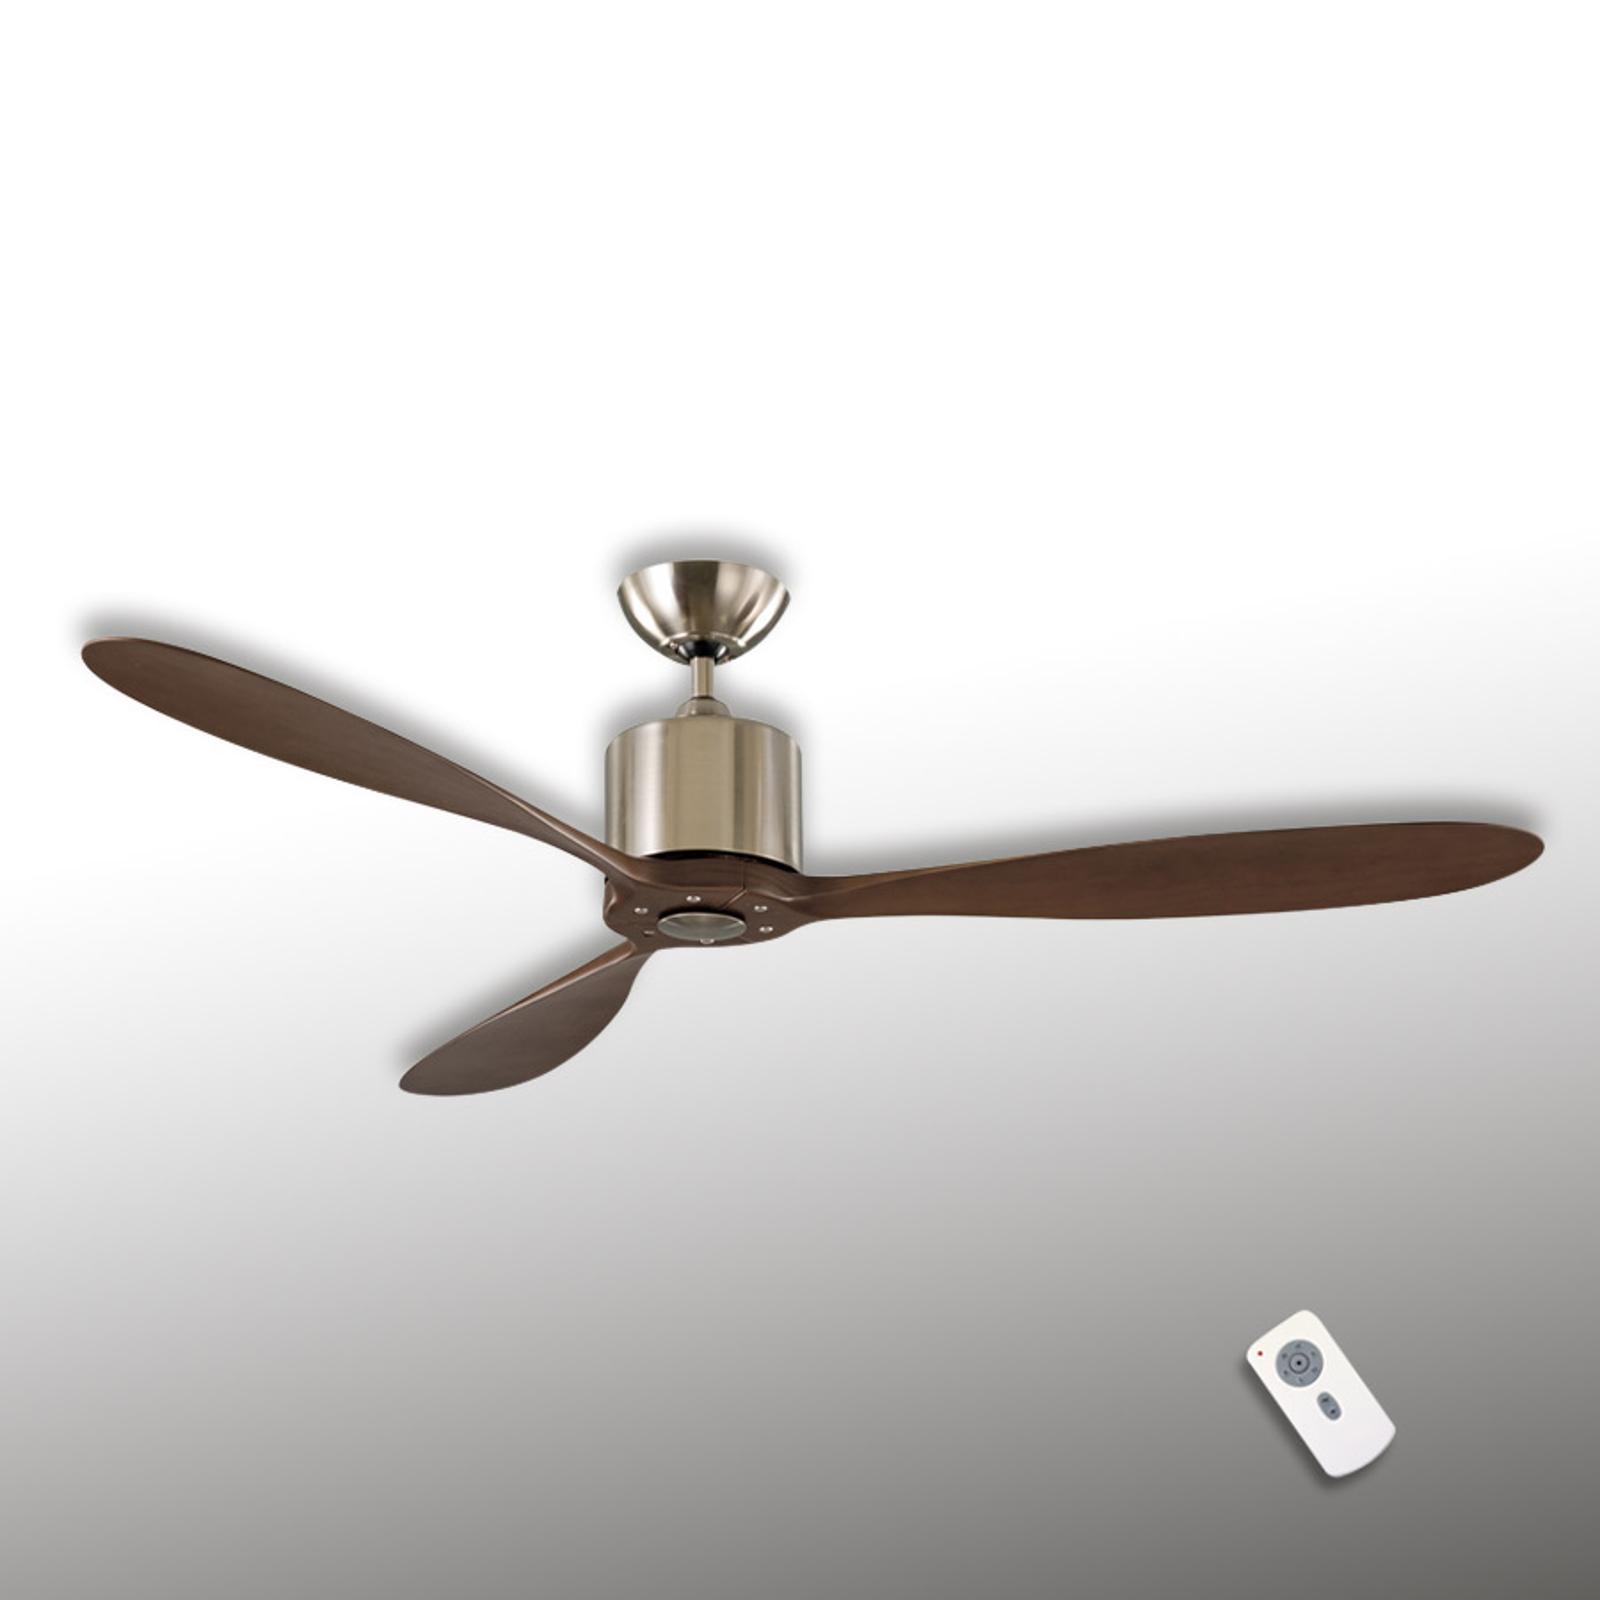 Aeroplan Eco ventilatore da soffitto cromo/noce